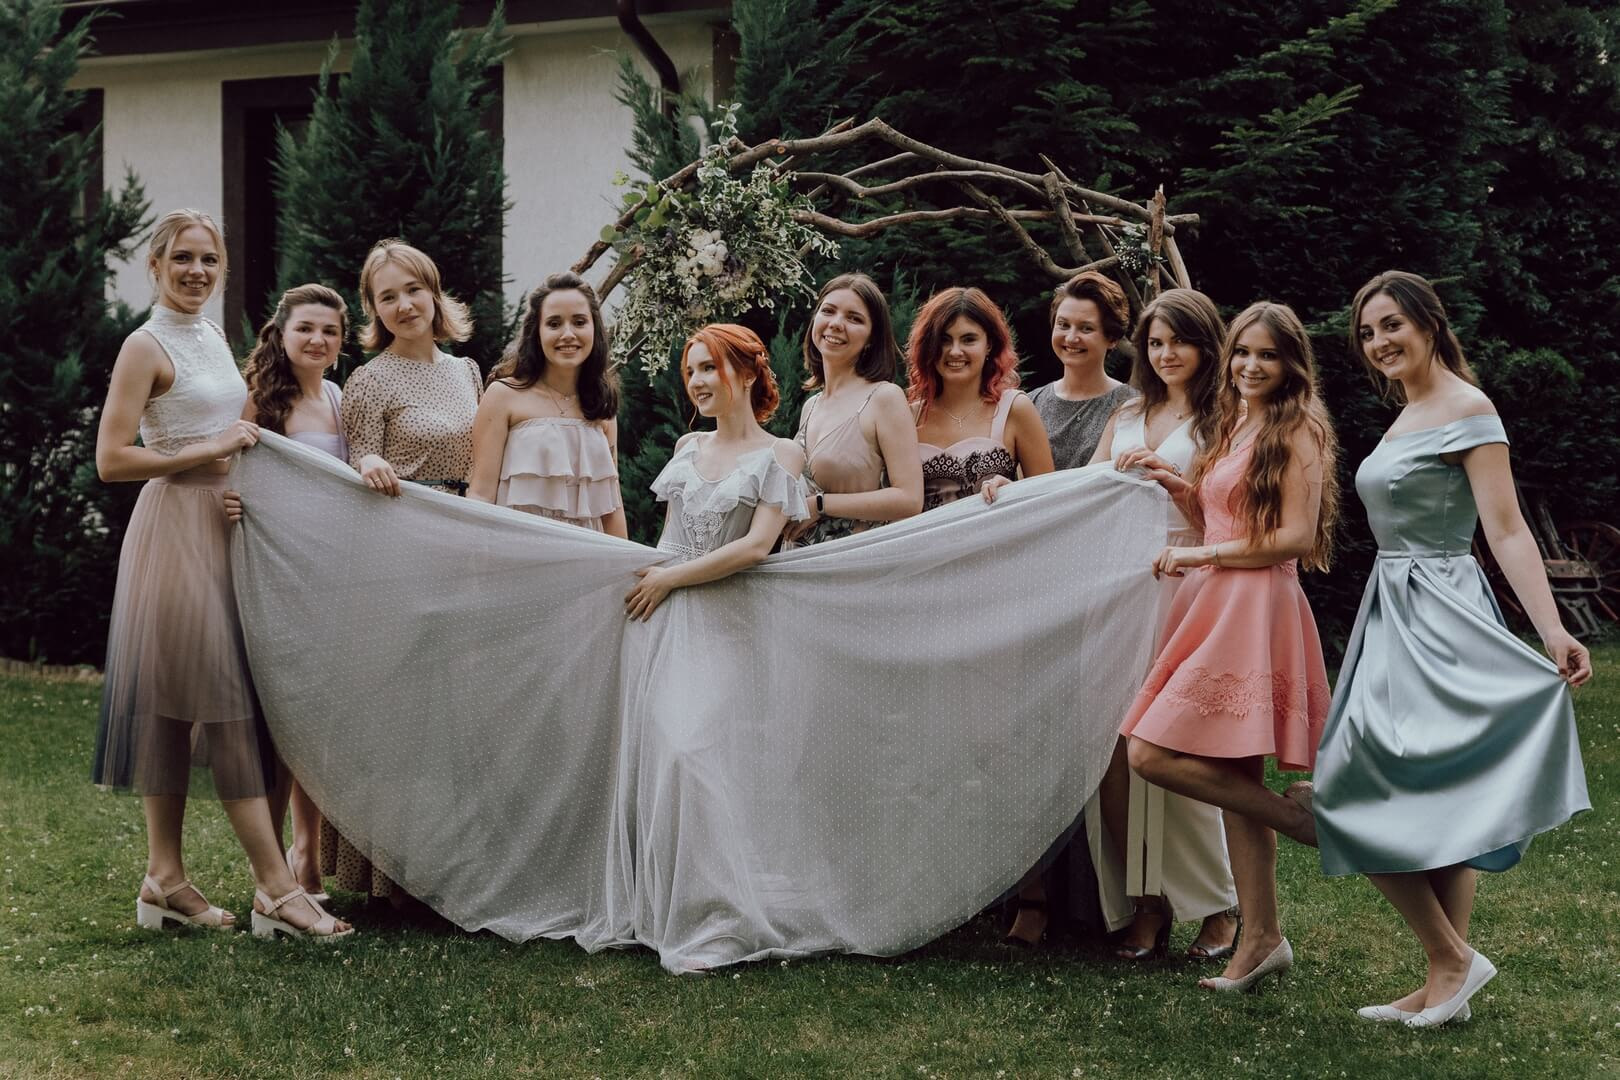 Zdjęcia grupowe na weselu. fotograf Szpakowicz Aleksander Gdańsk, Trójmiasto - szpakowicz-studio.pl